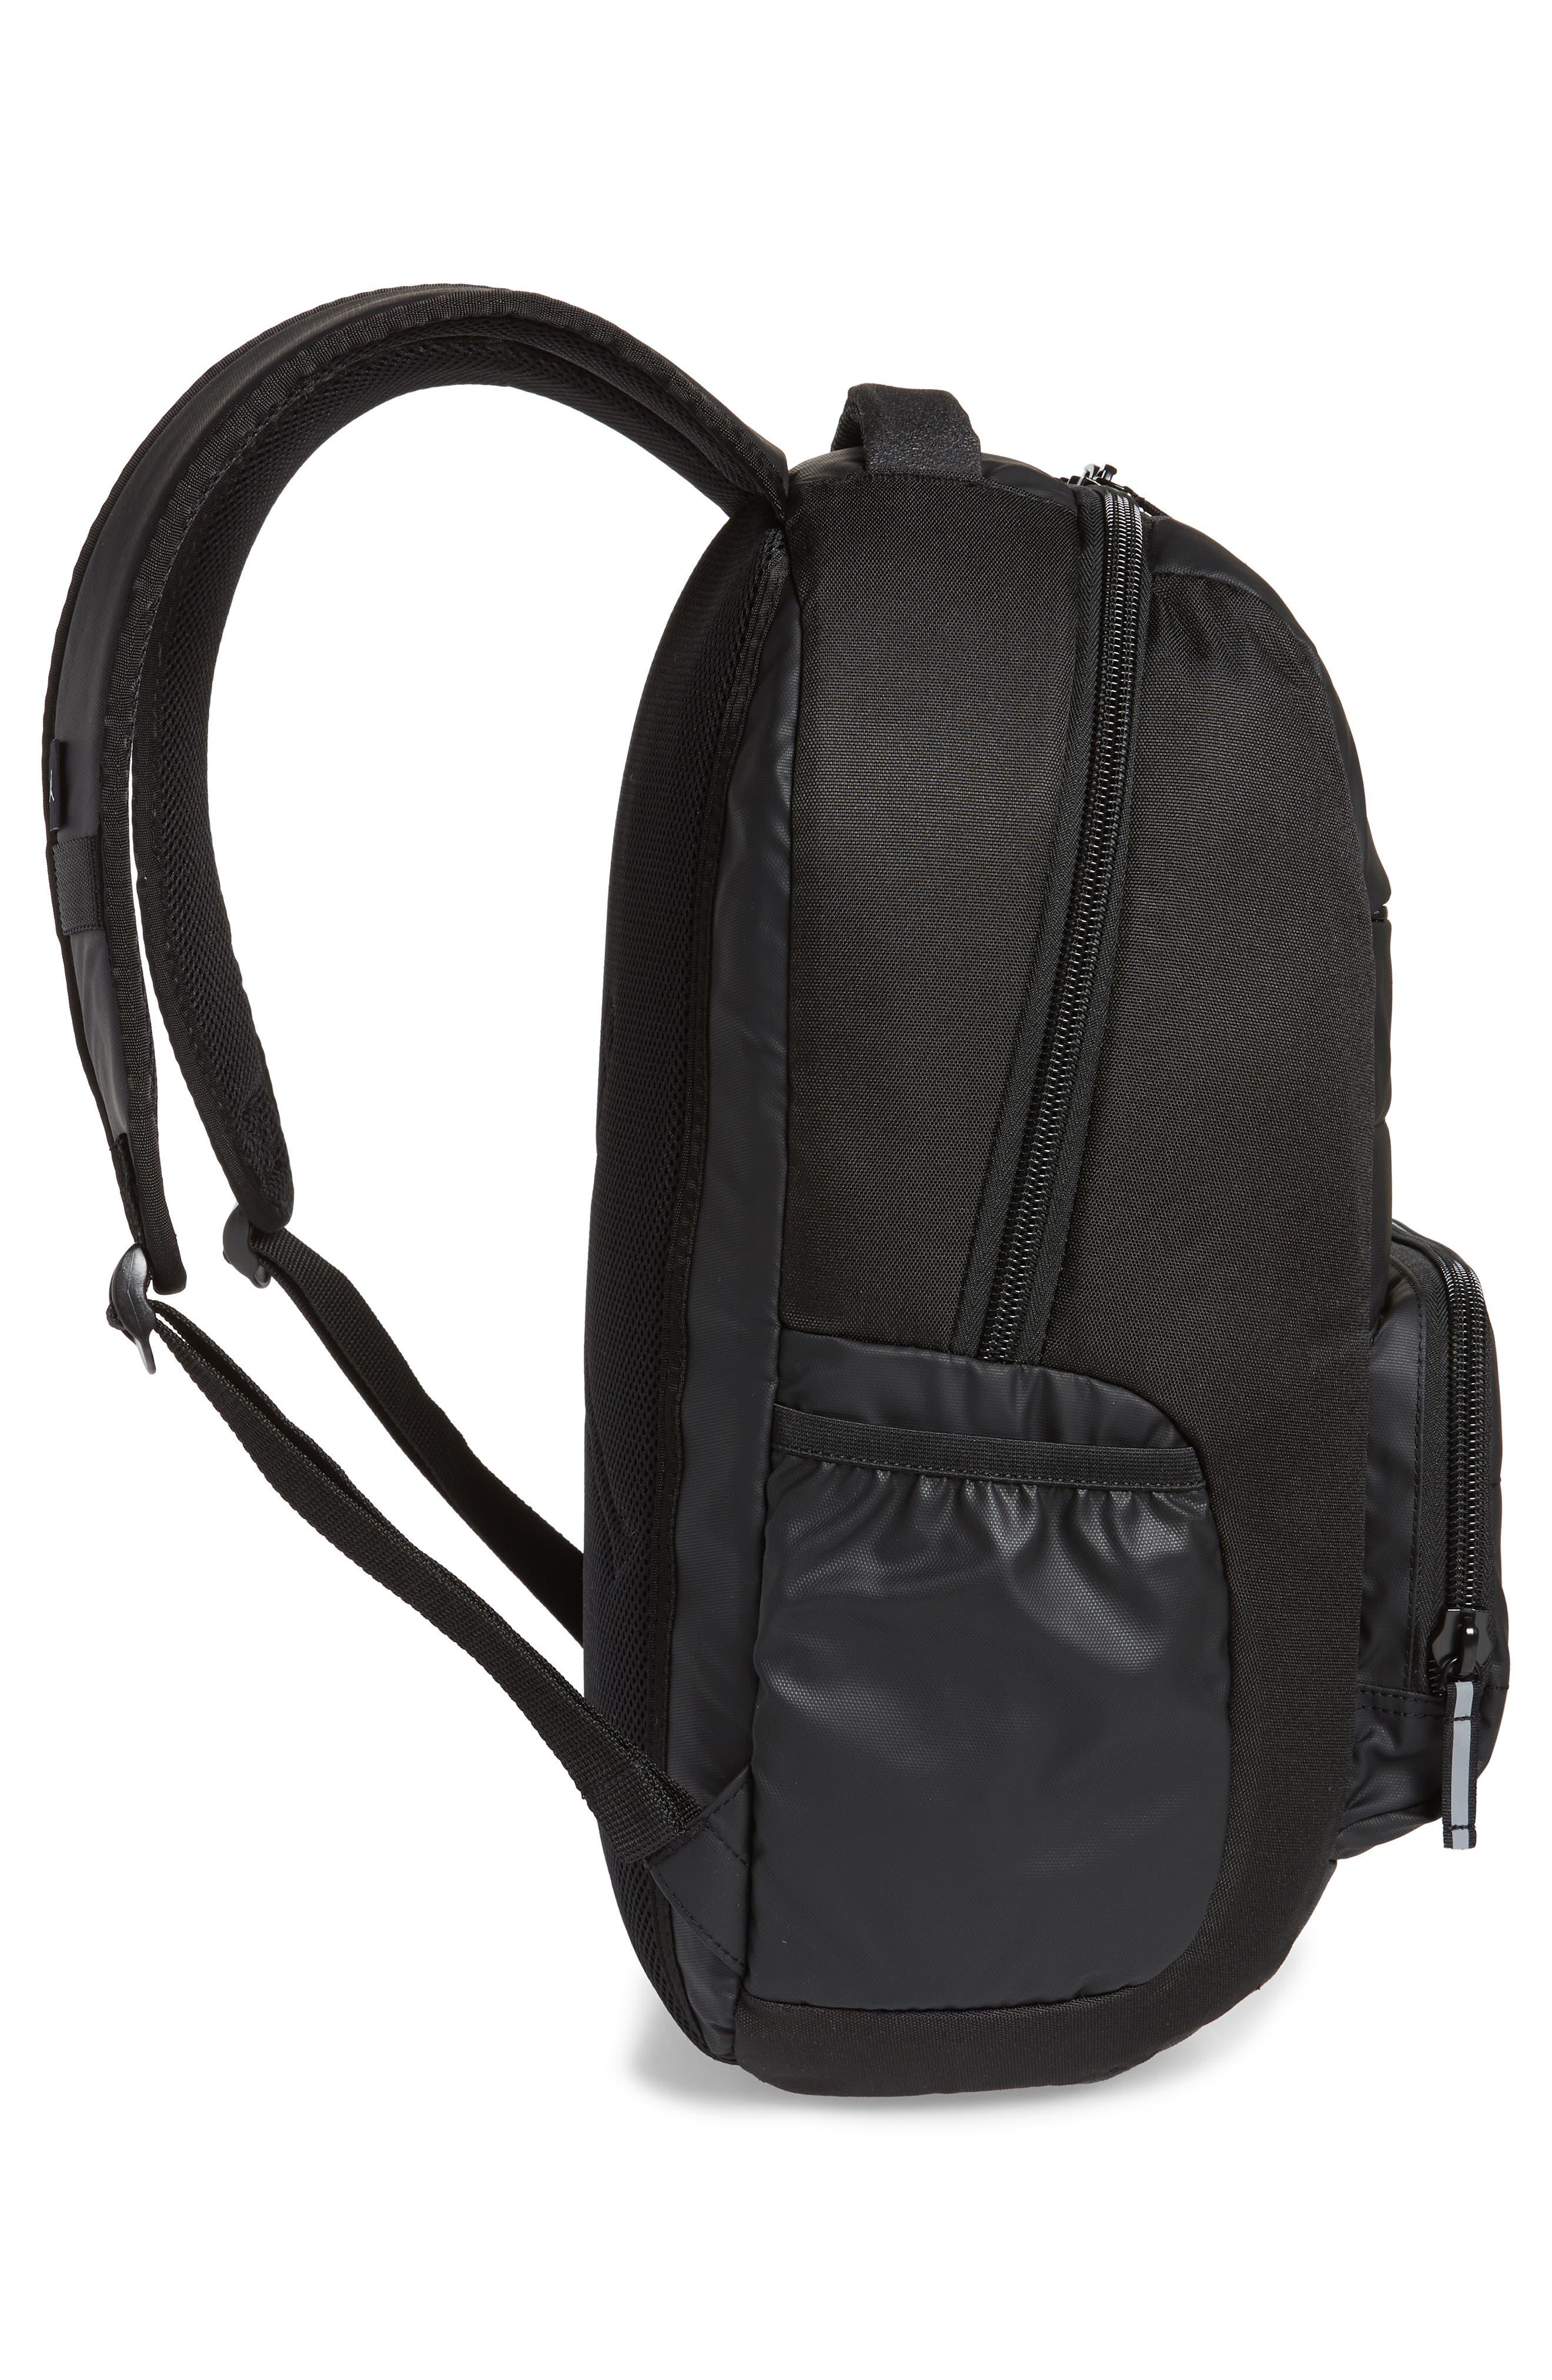 Jordan All World Backpack,                             Alternate thumbnail 4, color,                             014